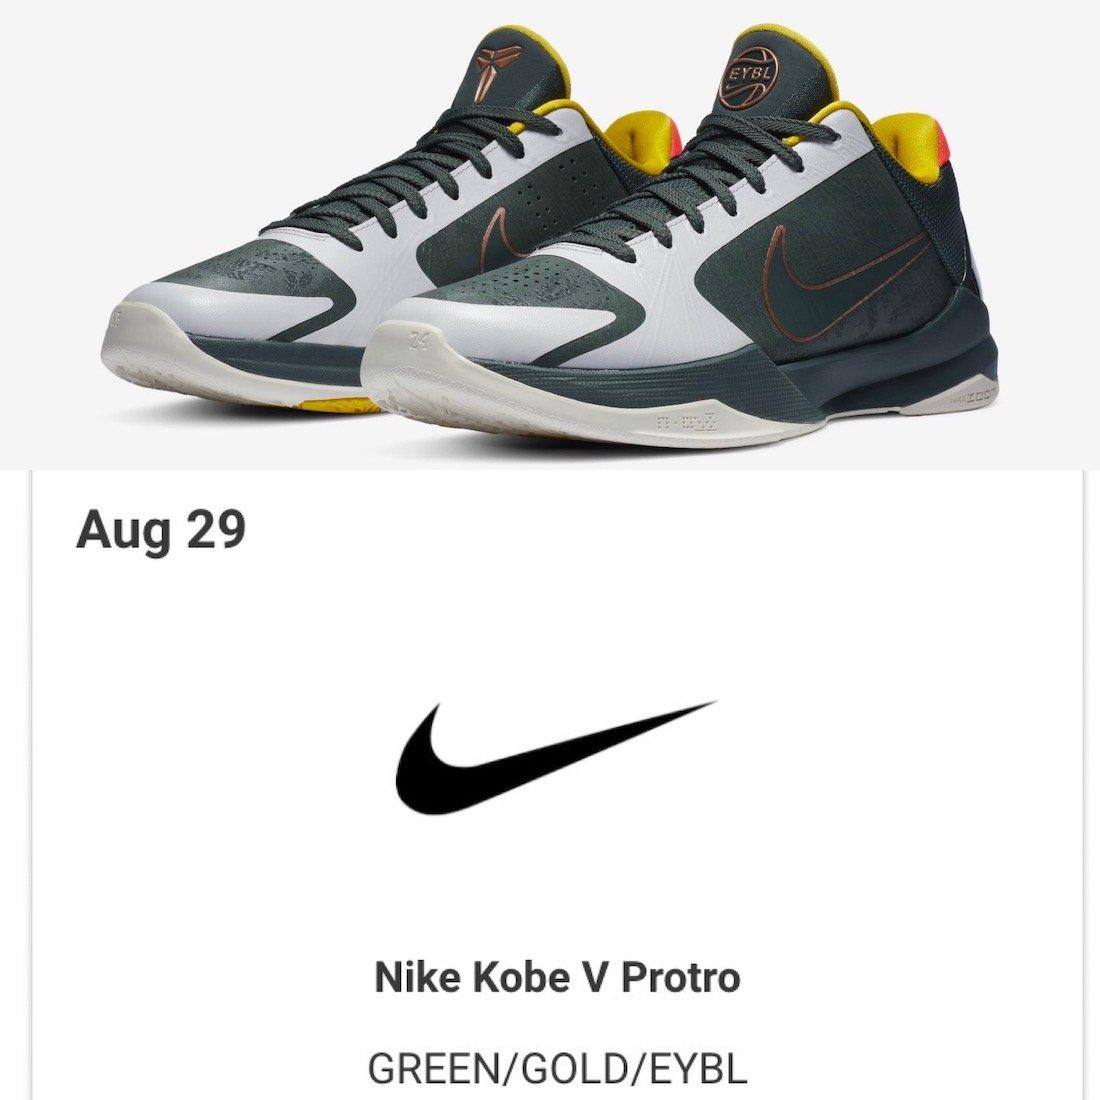 Nike Kobe 5 Protro EYBL Forest Green CD4991-300